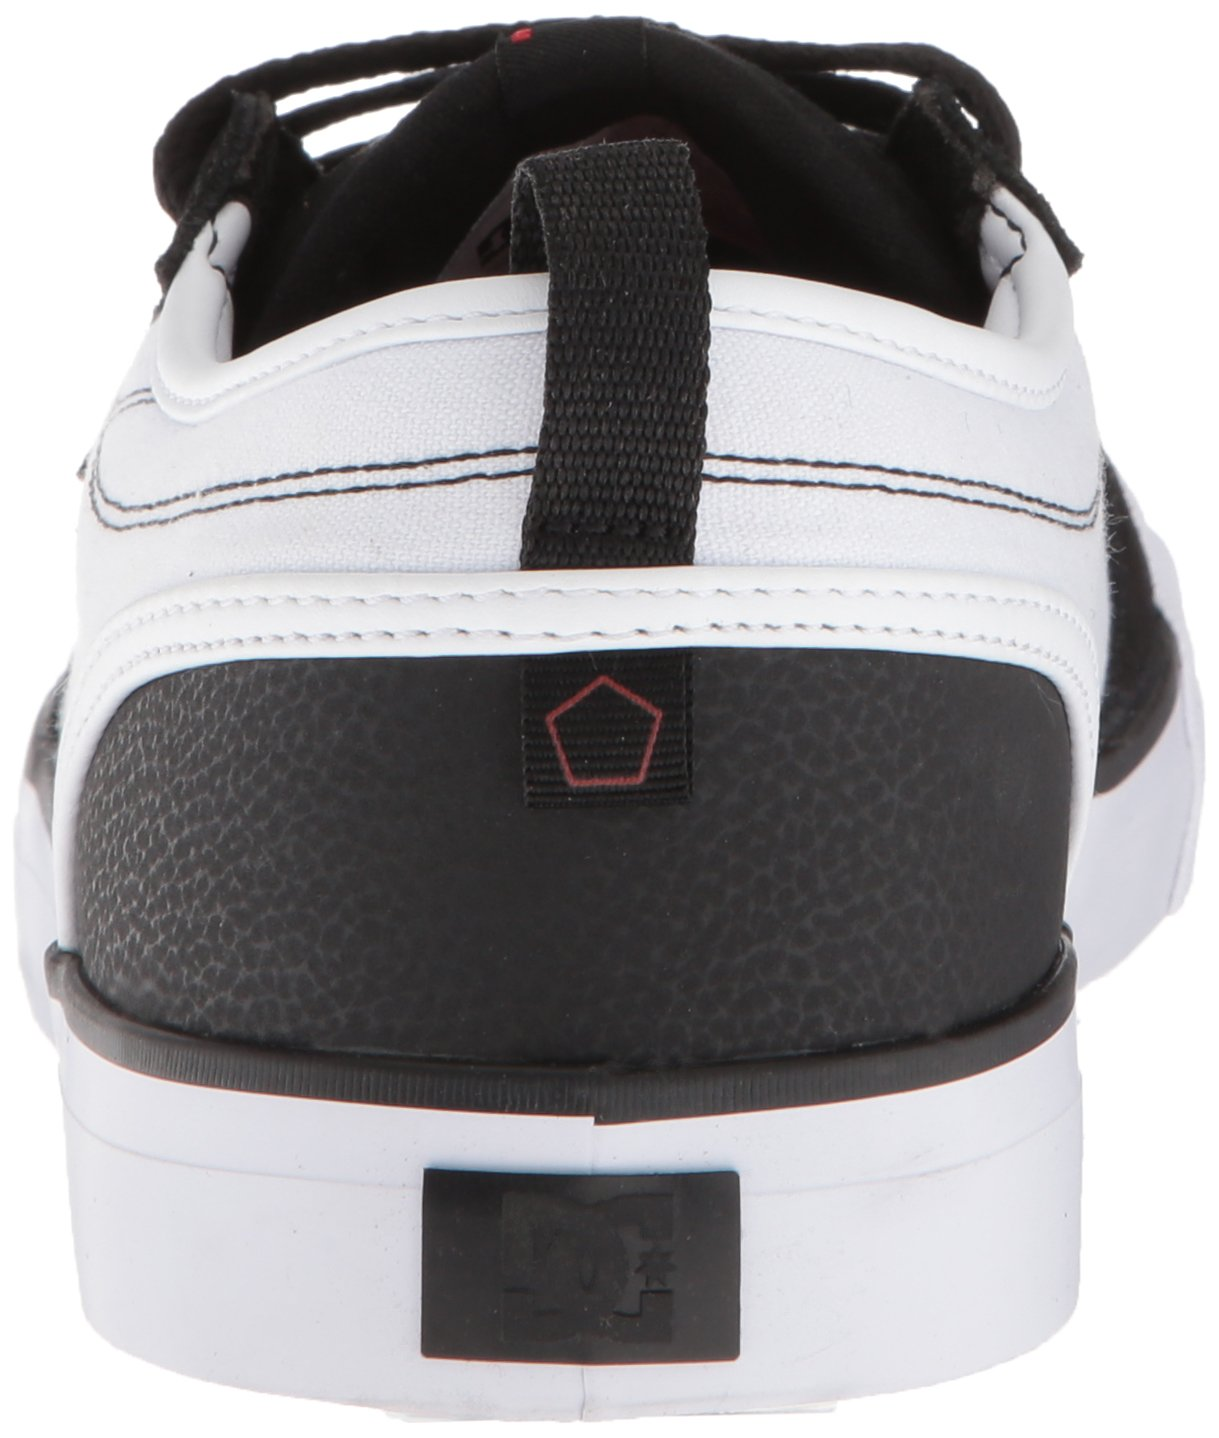 DC Evan Smith Zapato para para para Patinar para Hombre 890275